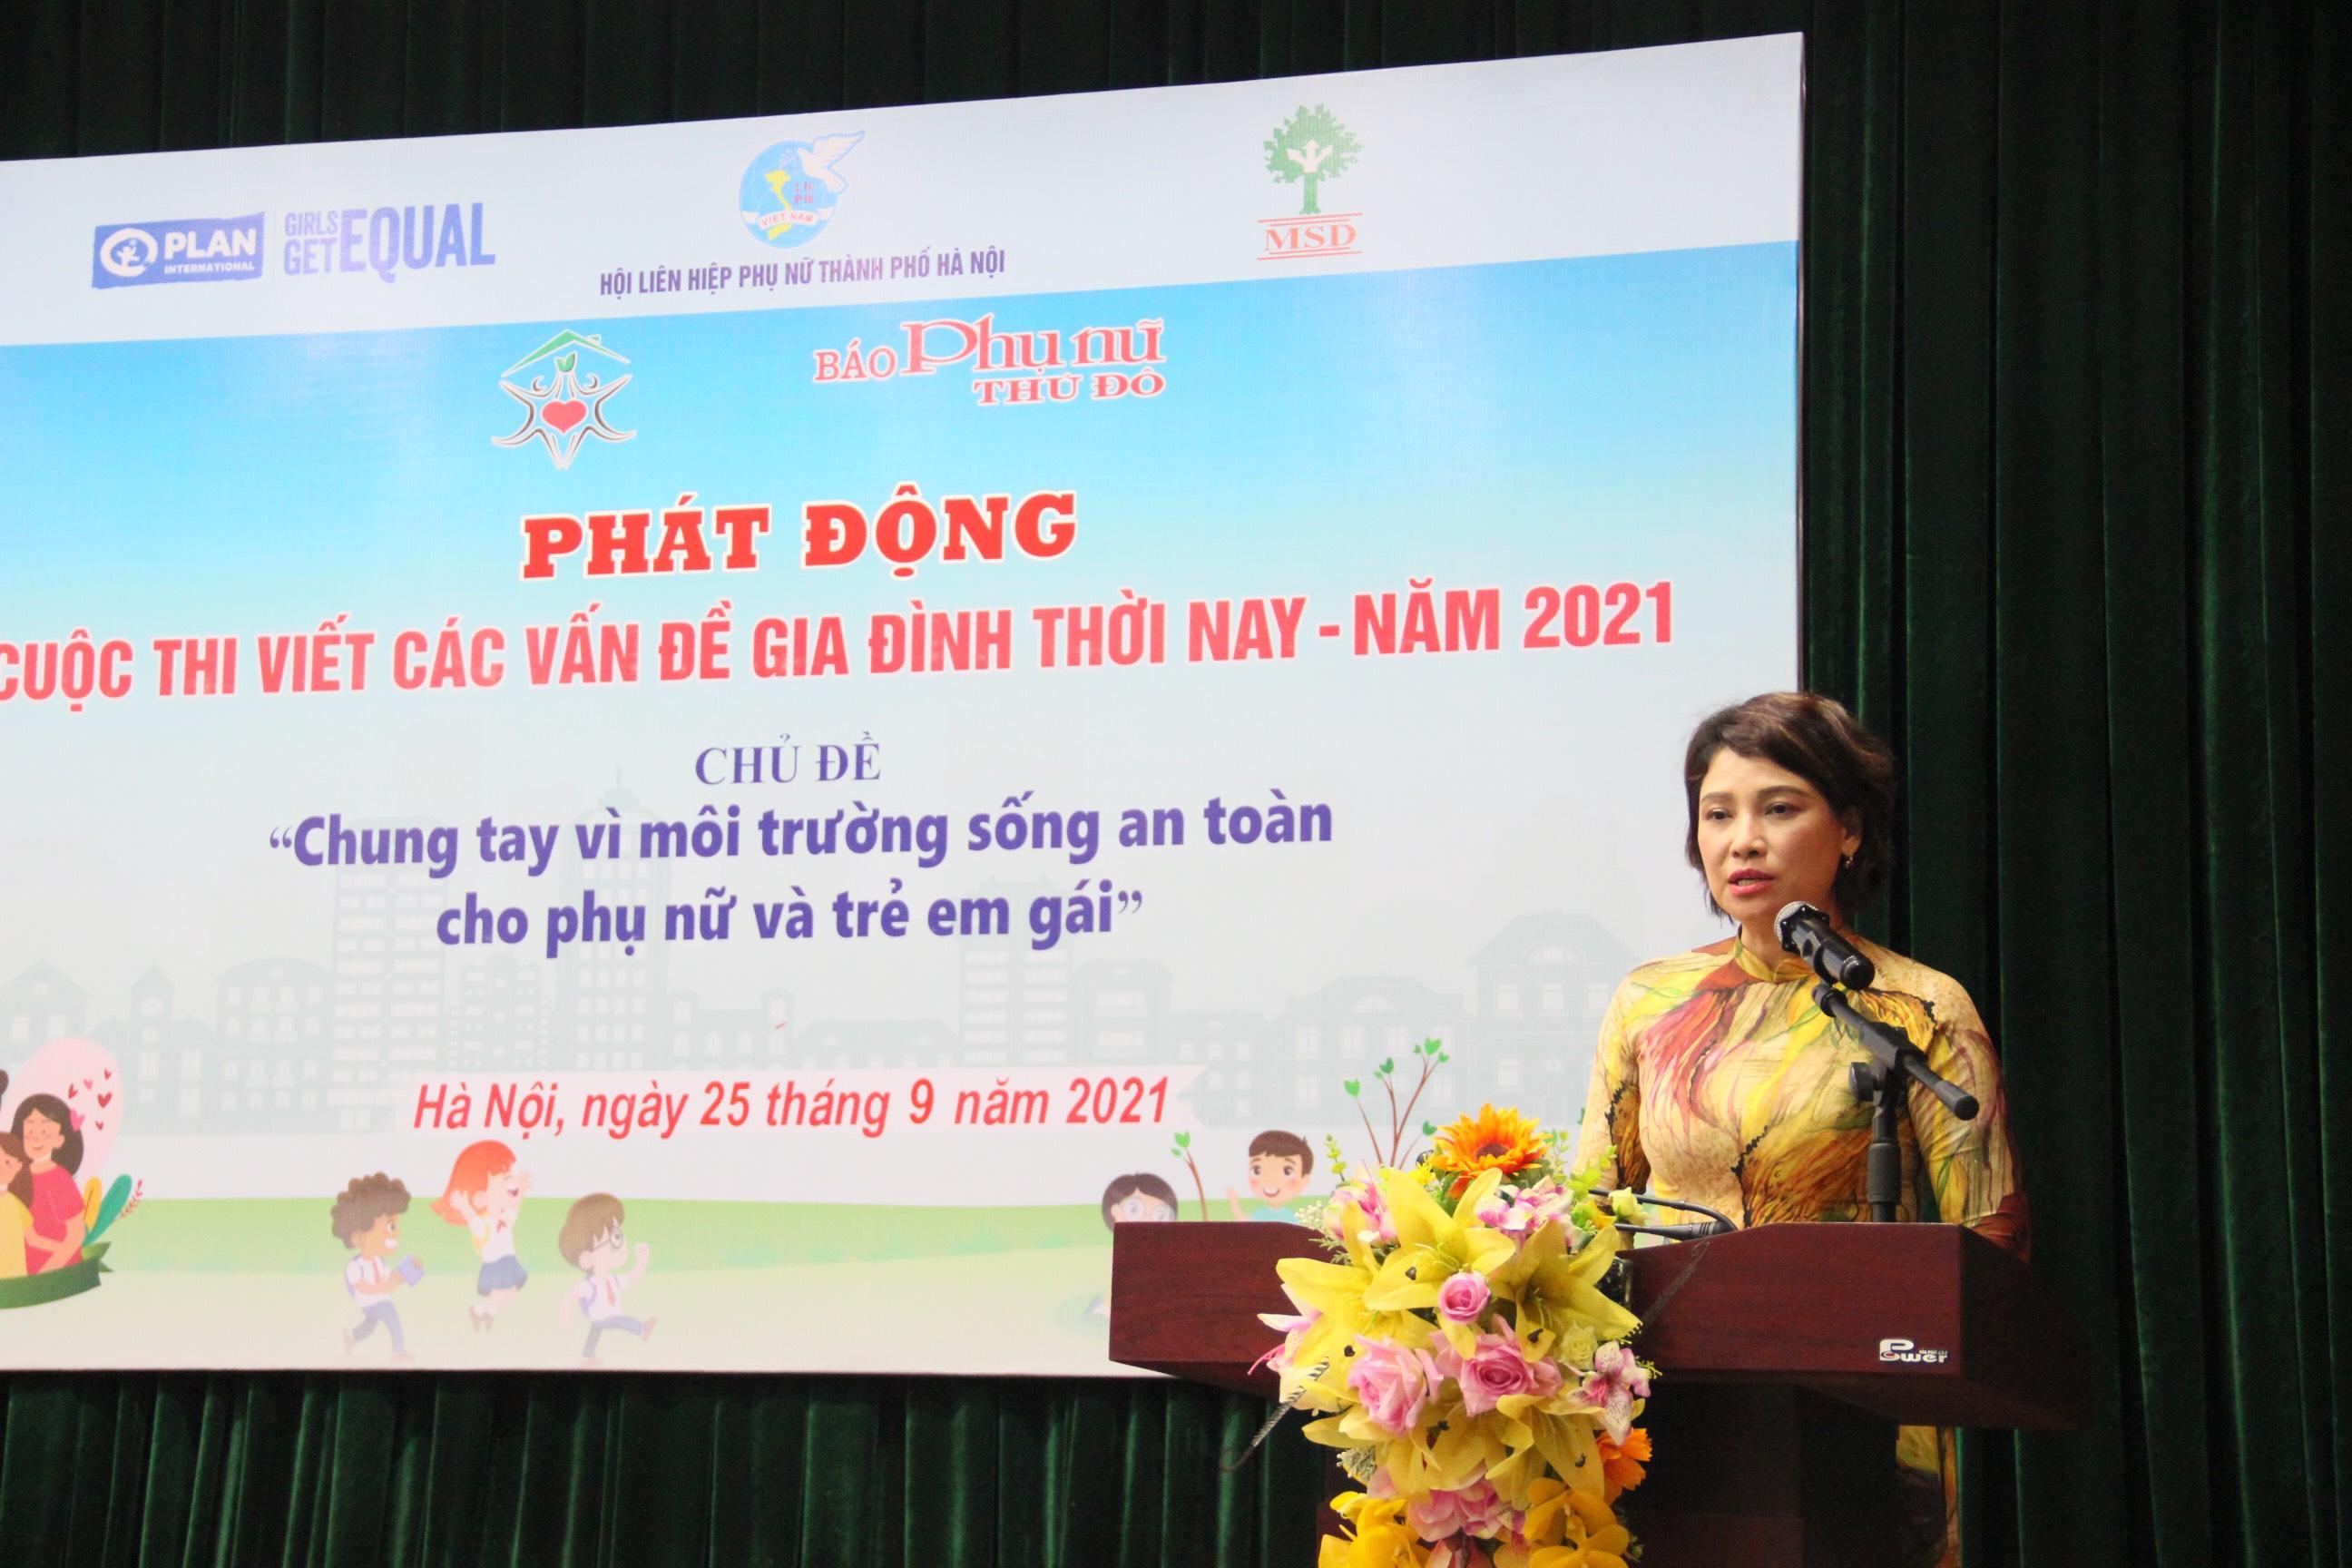 Đồng chí Lê Quỳnh Trang, Tổng Biên tập Báo Phụ nữ Thủ đô, Phó ban Tổ chức Cuộc thi đánh giá kết quả 10 năm triển khai thực hiện cuộc thi viết